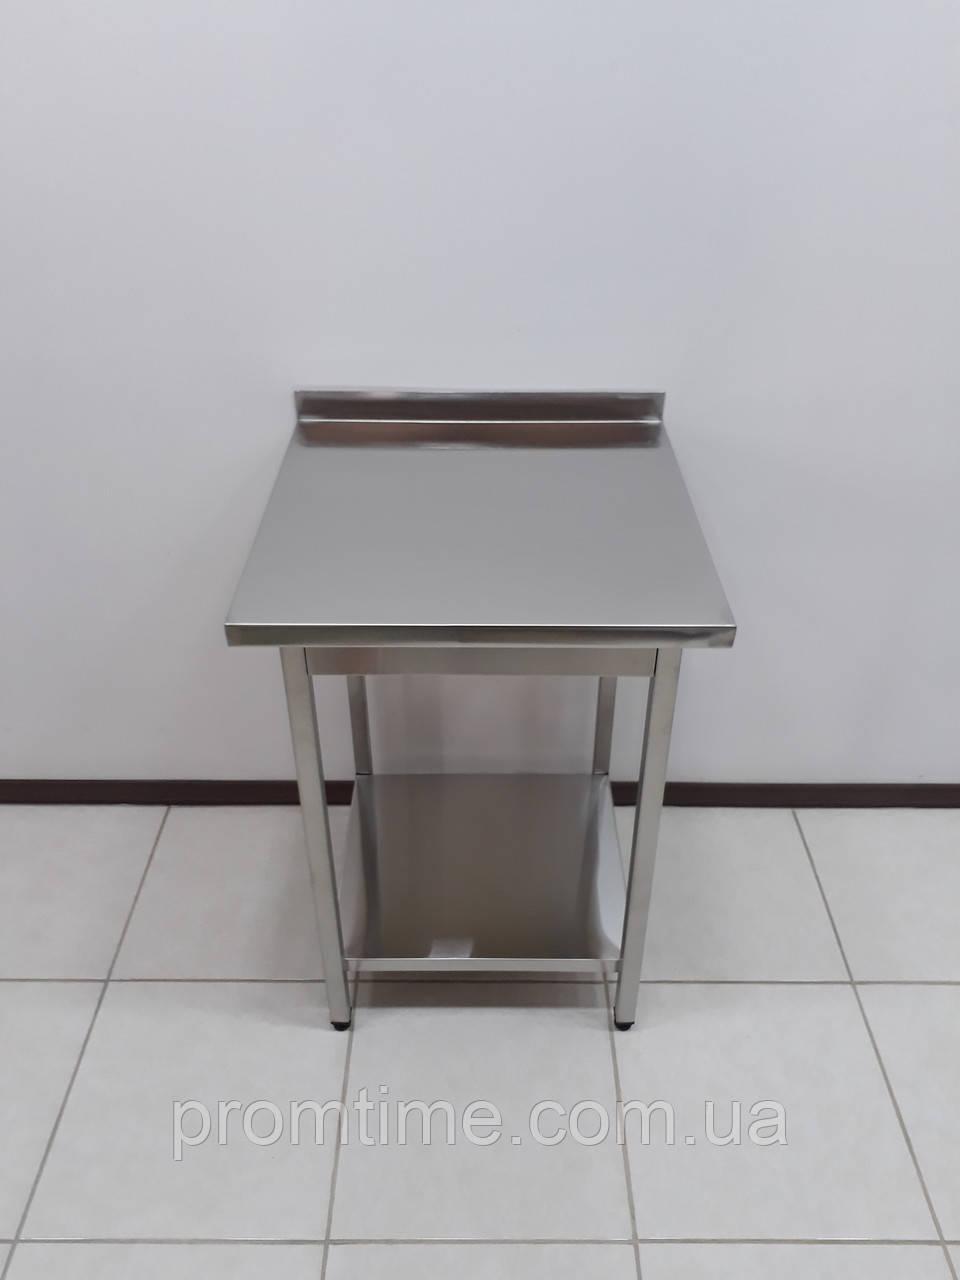 Стол производственный из нержавеющей стали 600х600х850